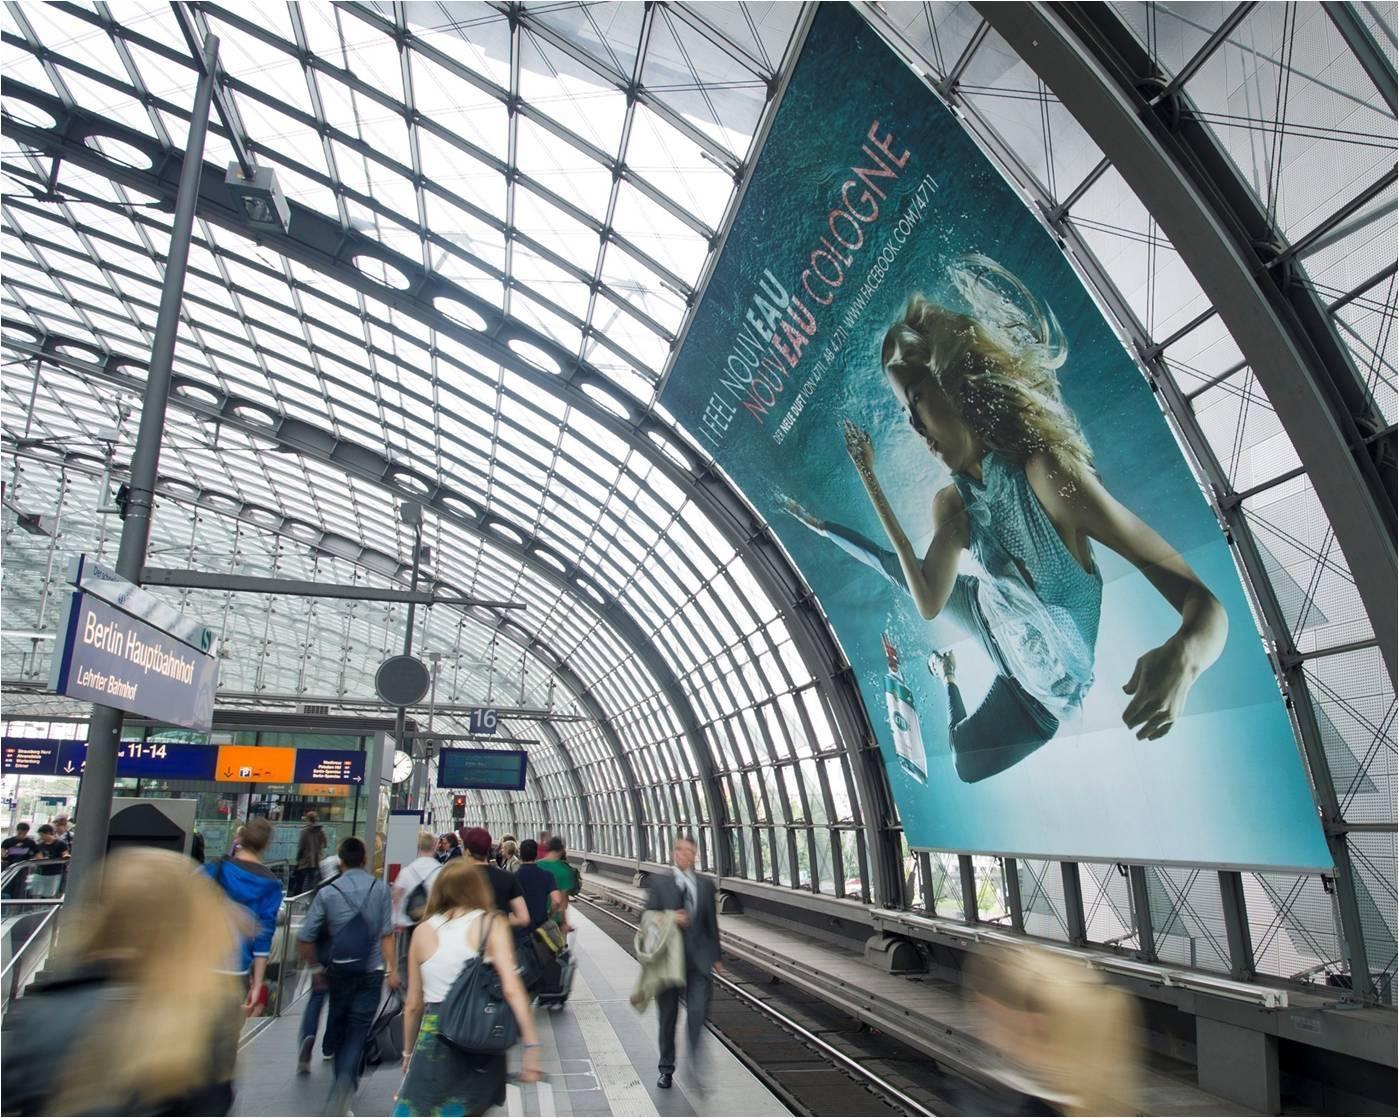 海外德国柏林中心火车站广告牌